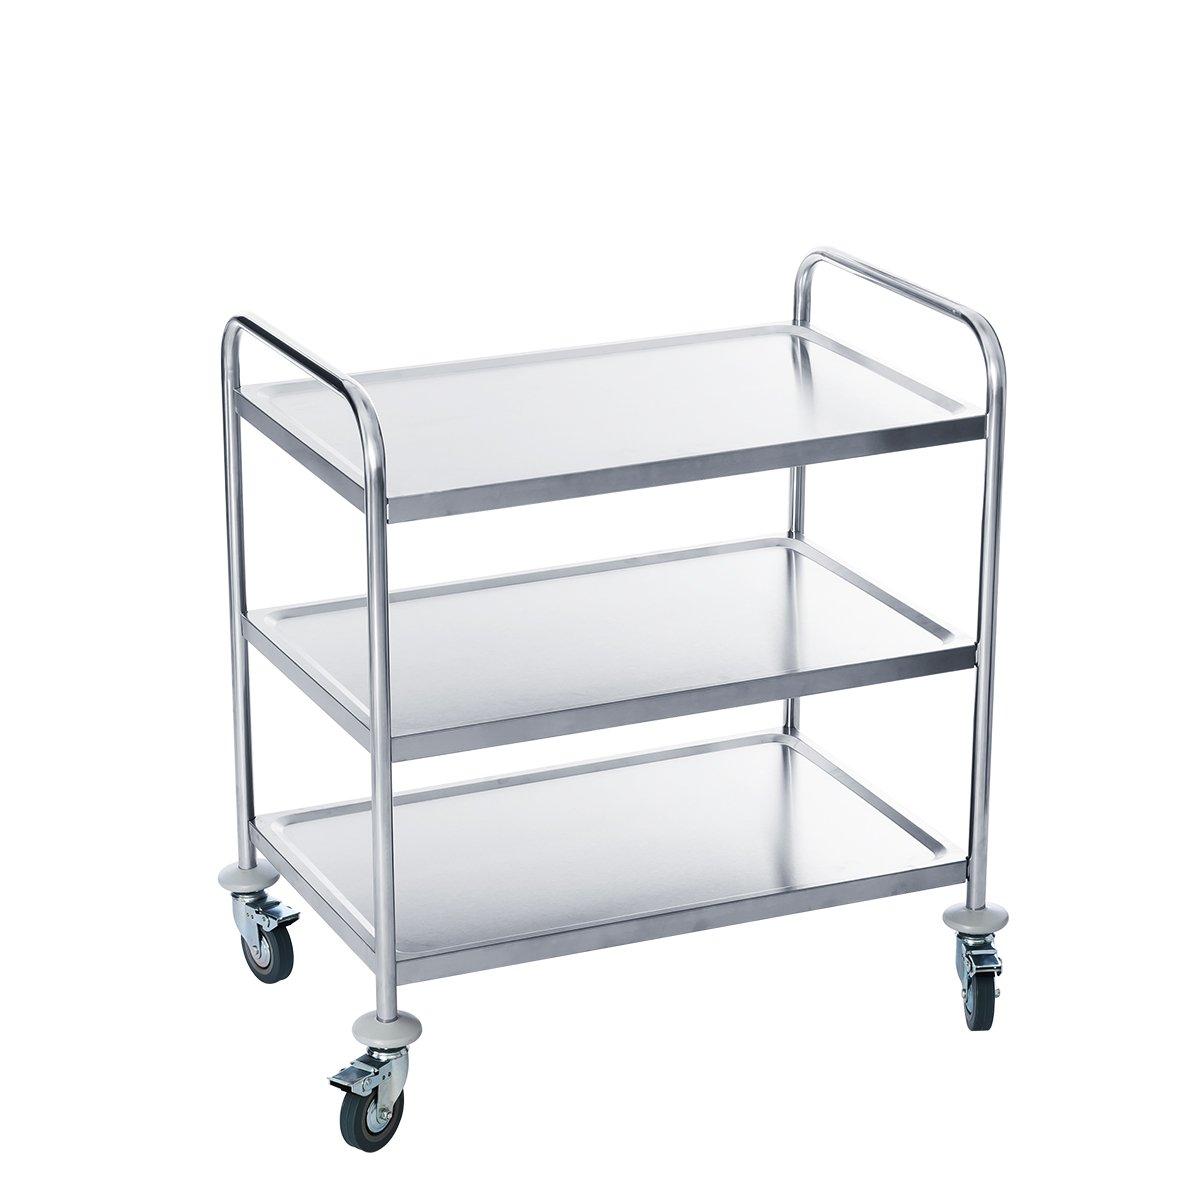 Carrello Cucina Ikea Acciaio | madgeweb.com idee di interior design